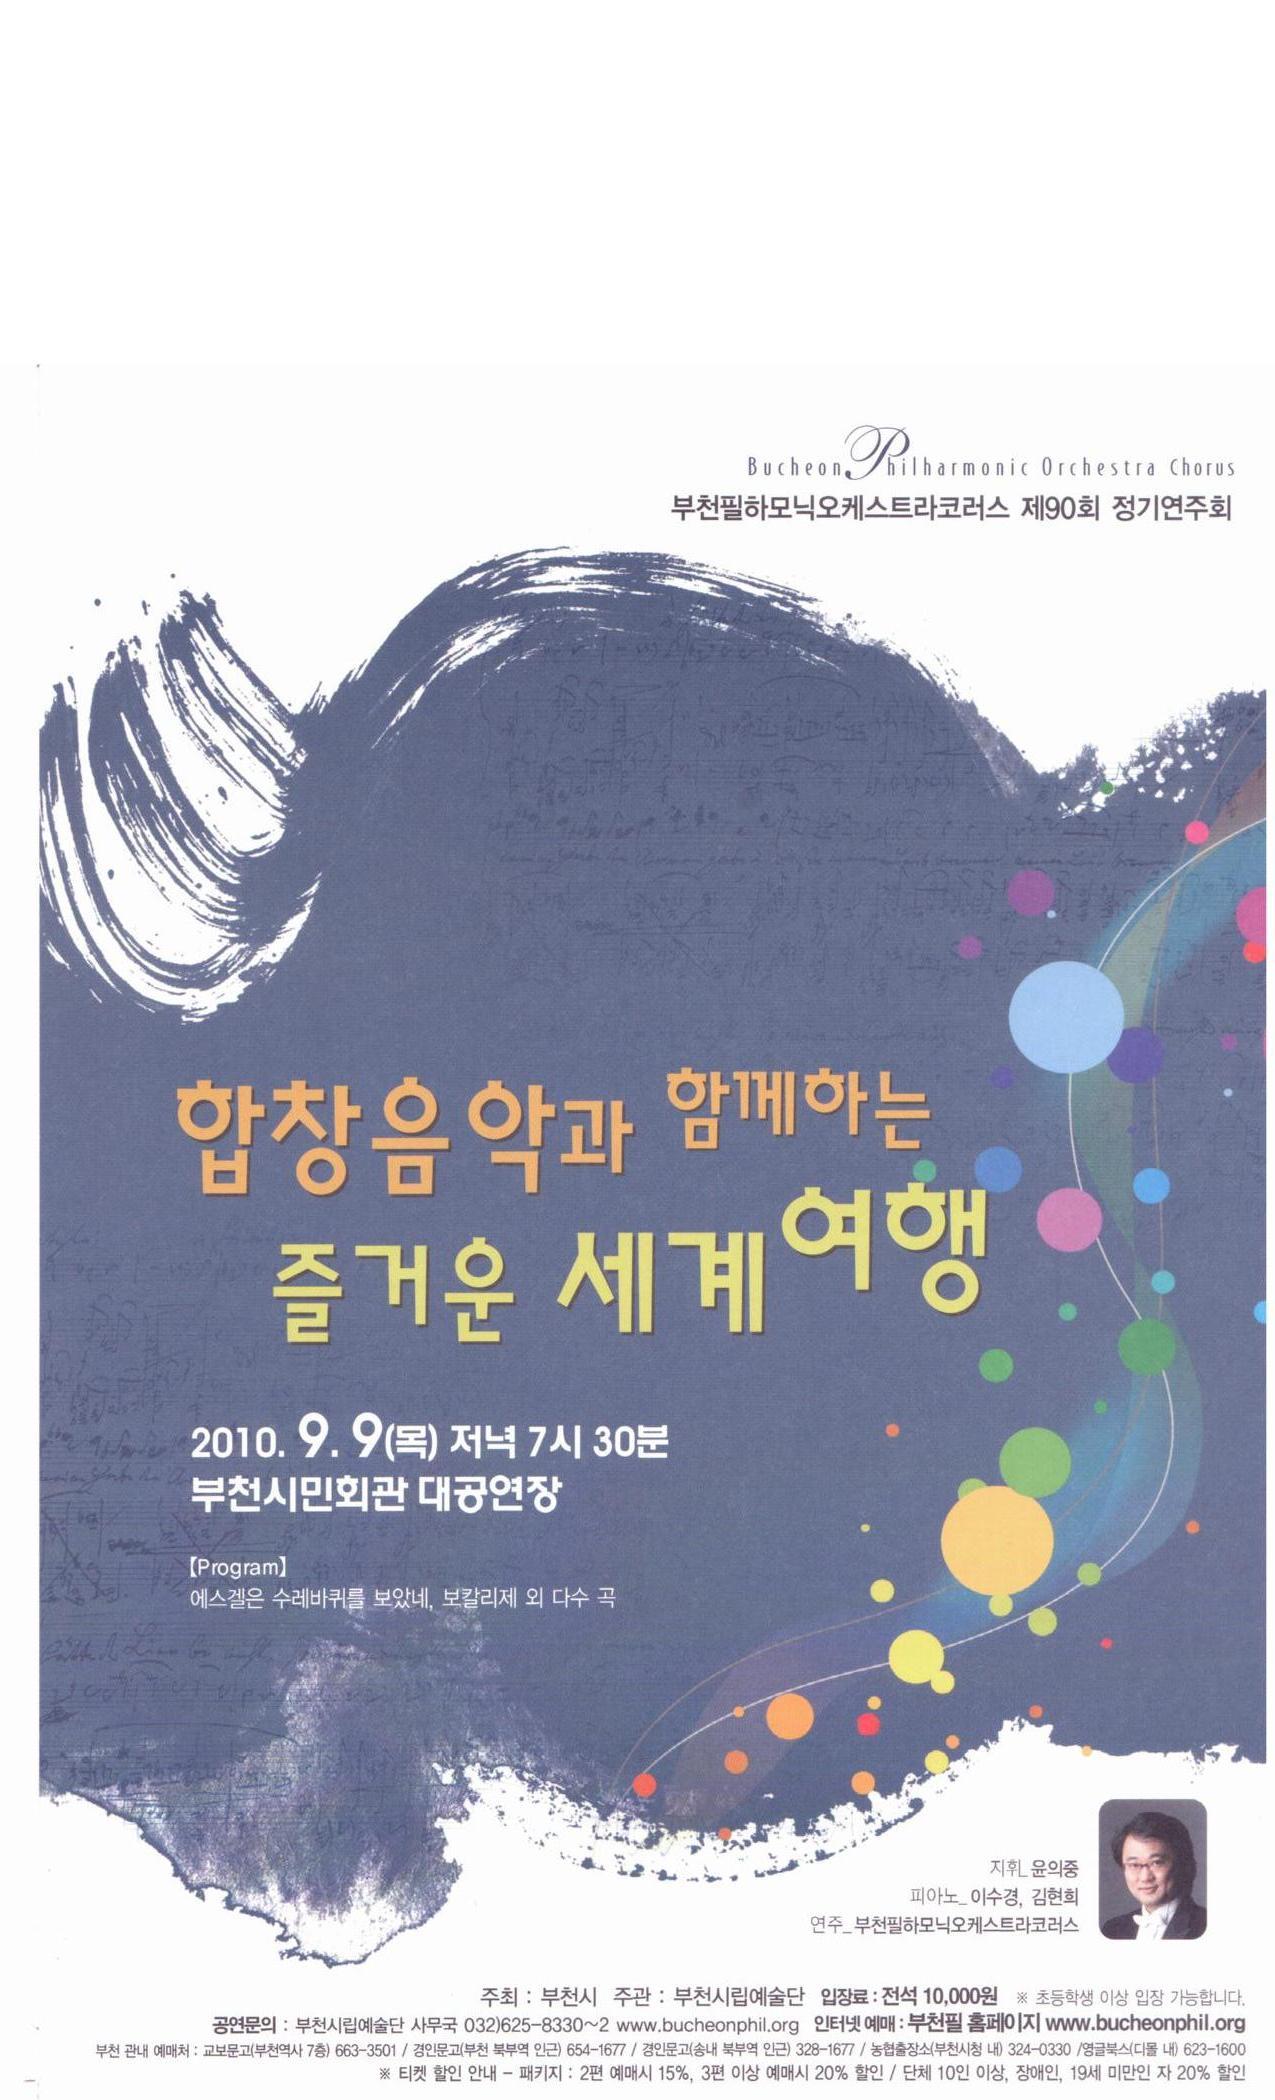 부천필 정기연주-1.jpg